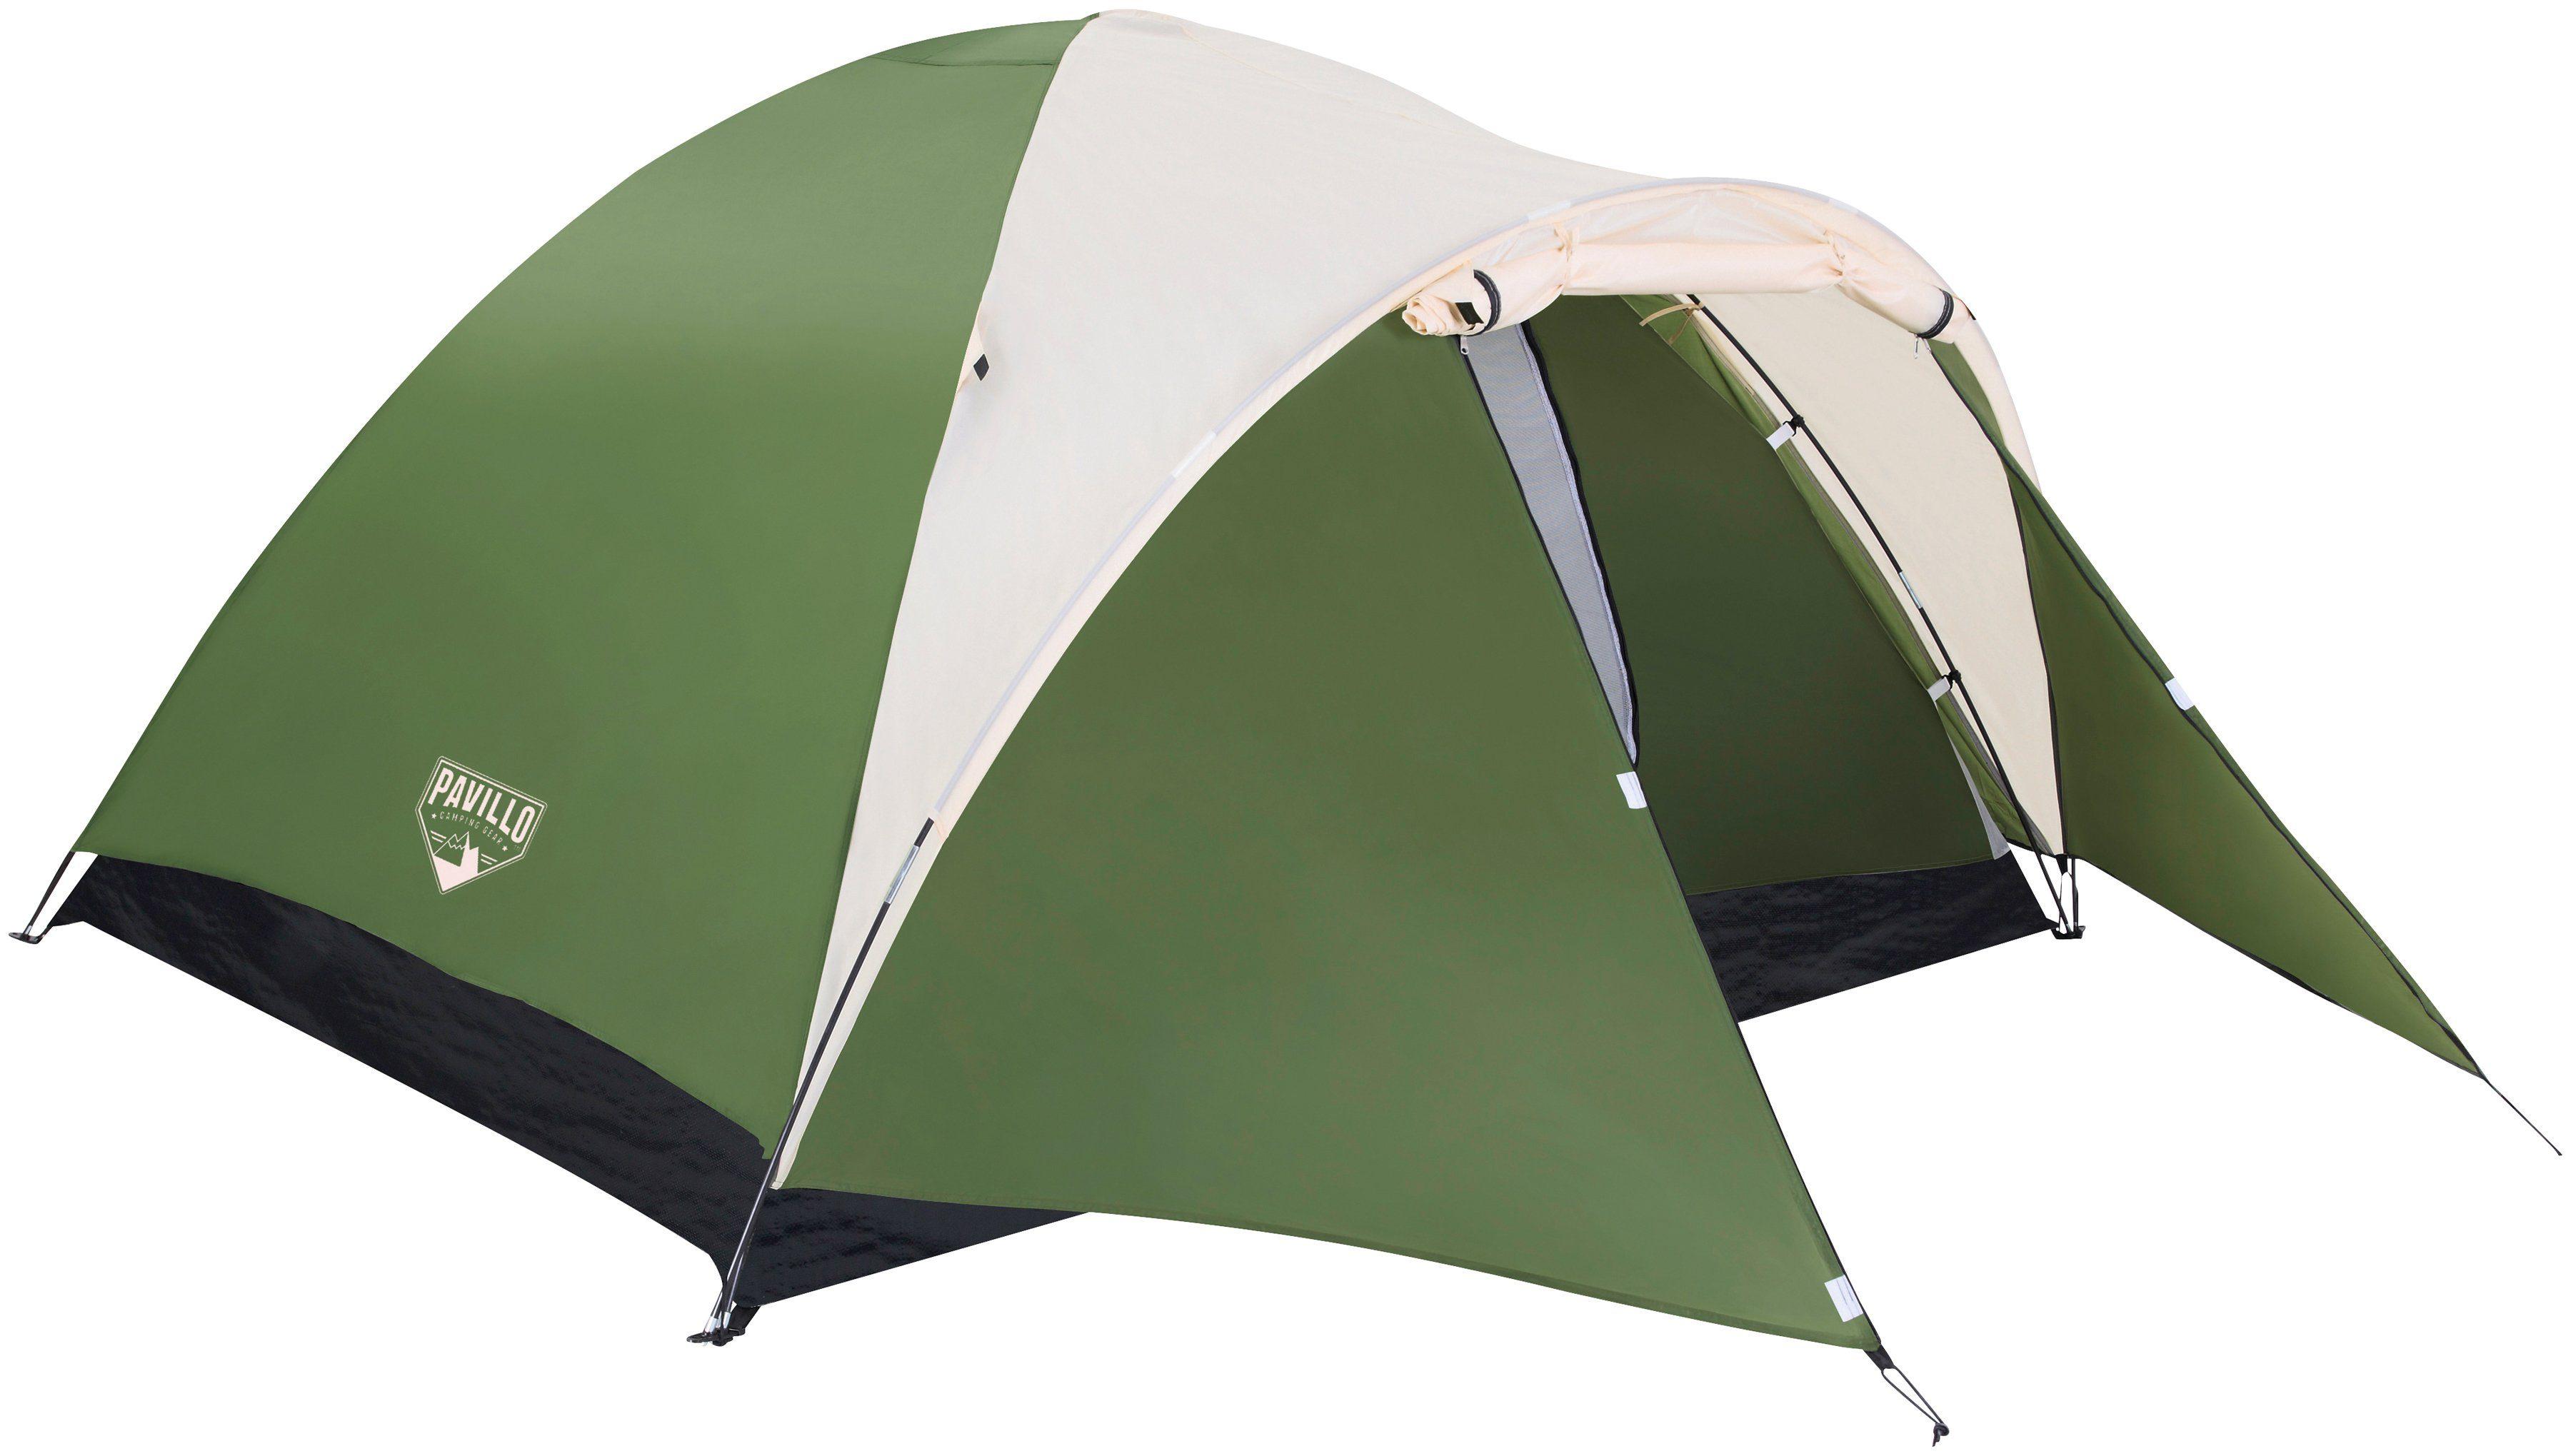 PAVILLO Mehr-Personen-Zelt »Montana X4«, Außenmaß BxLxH: 240x310x130 cm